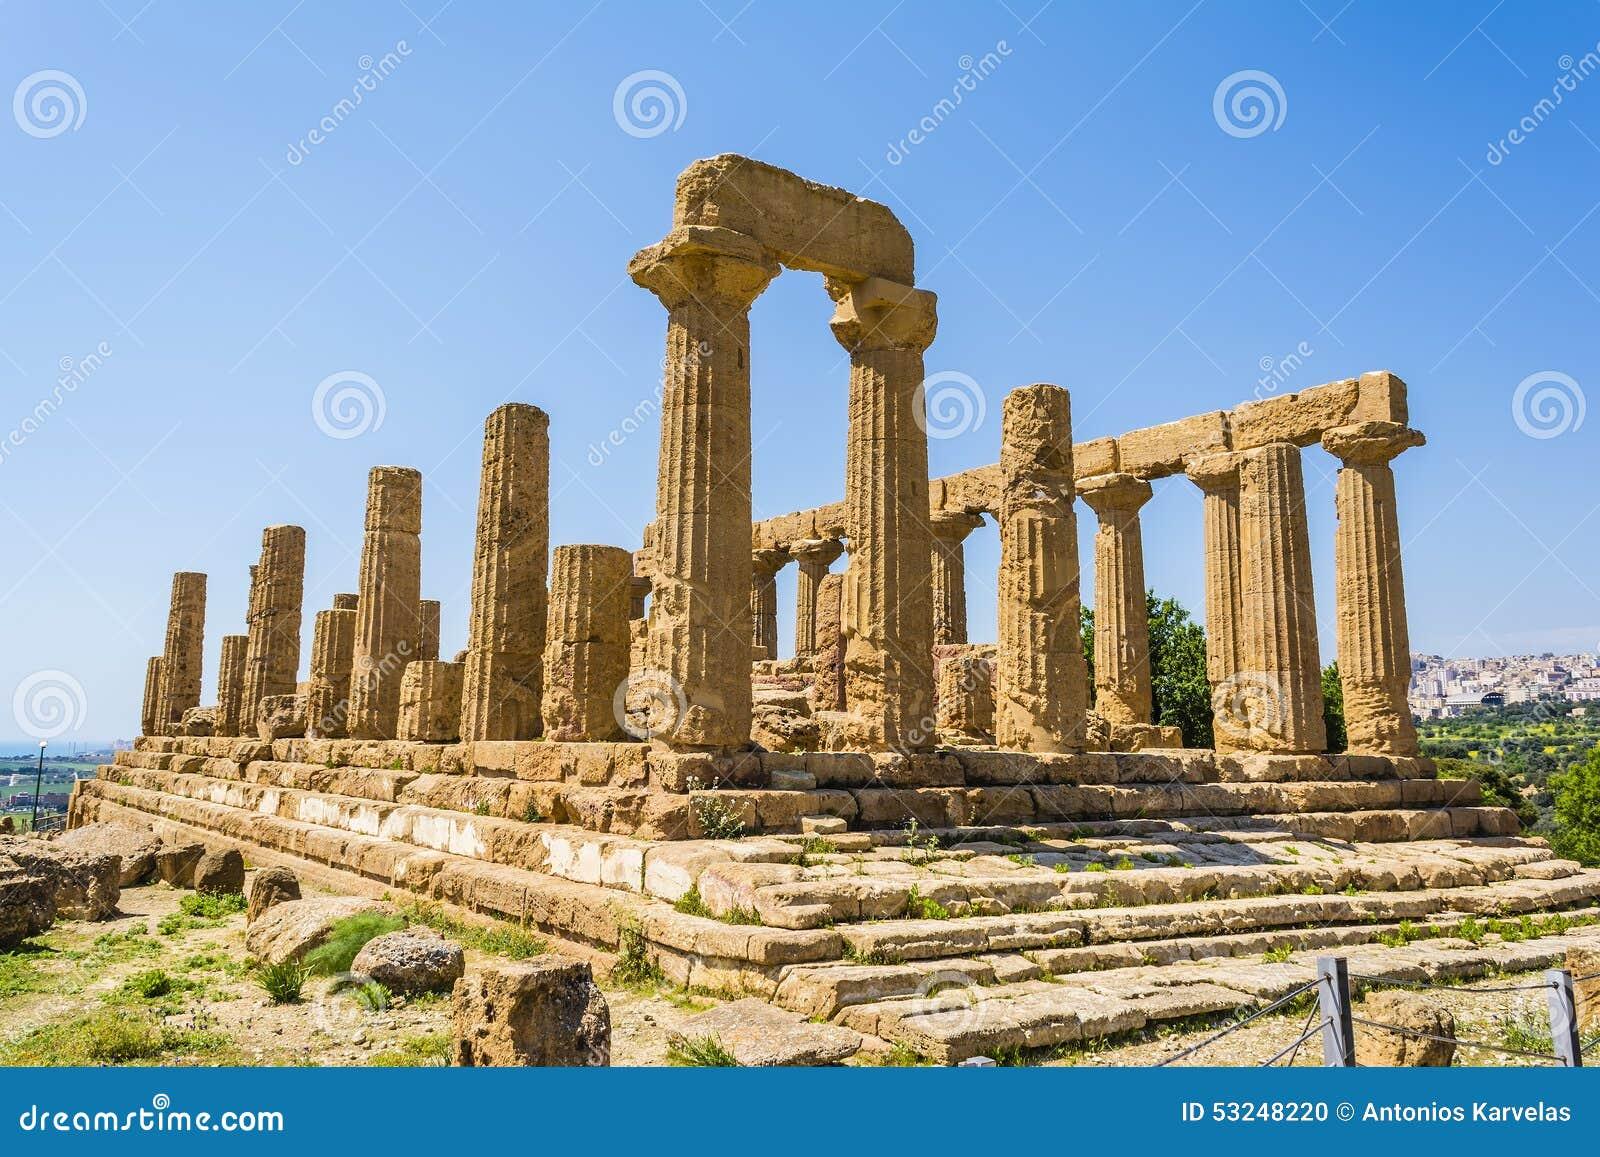 Ναός αρχαίου Έλληνα του Θεού της Juno, Agrigento, Σικελία, Ιταλία